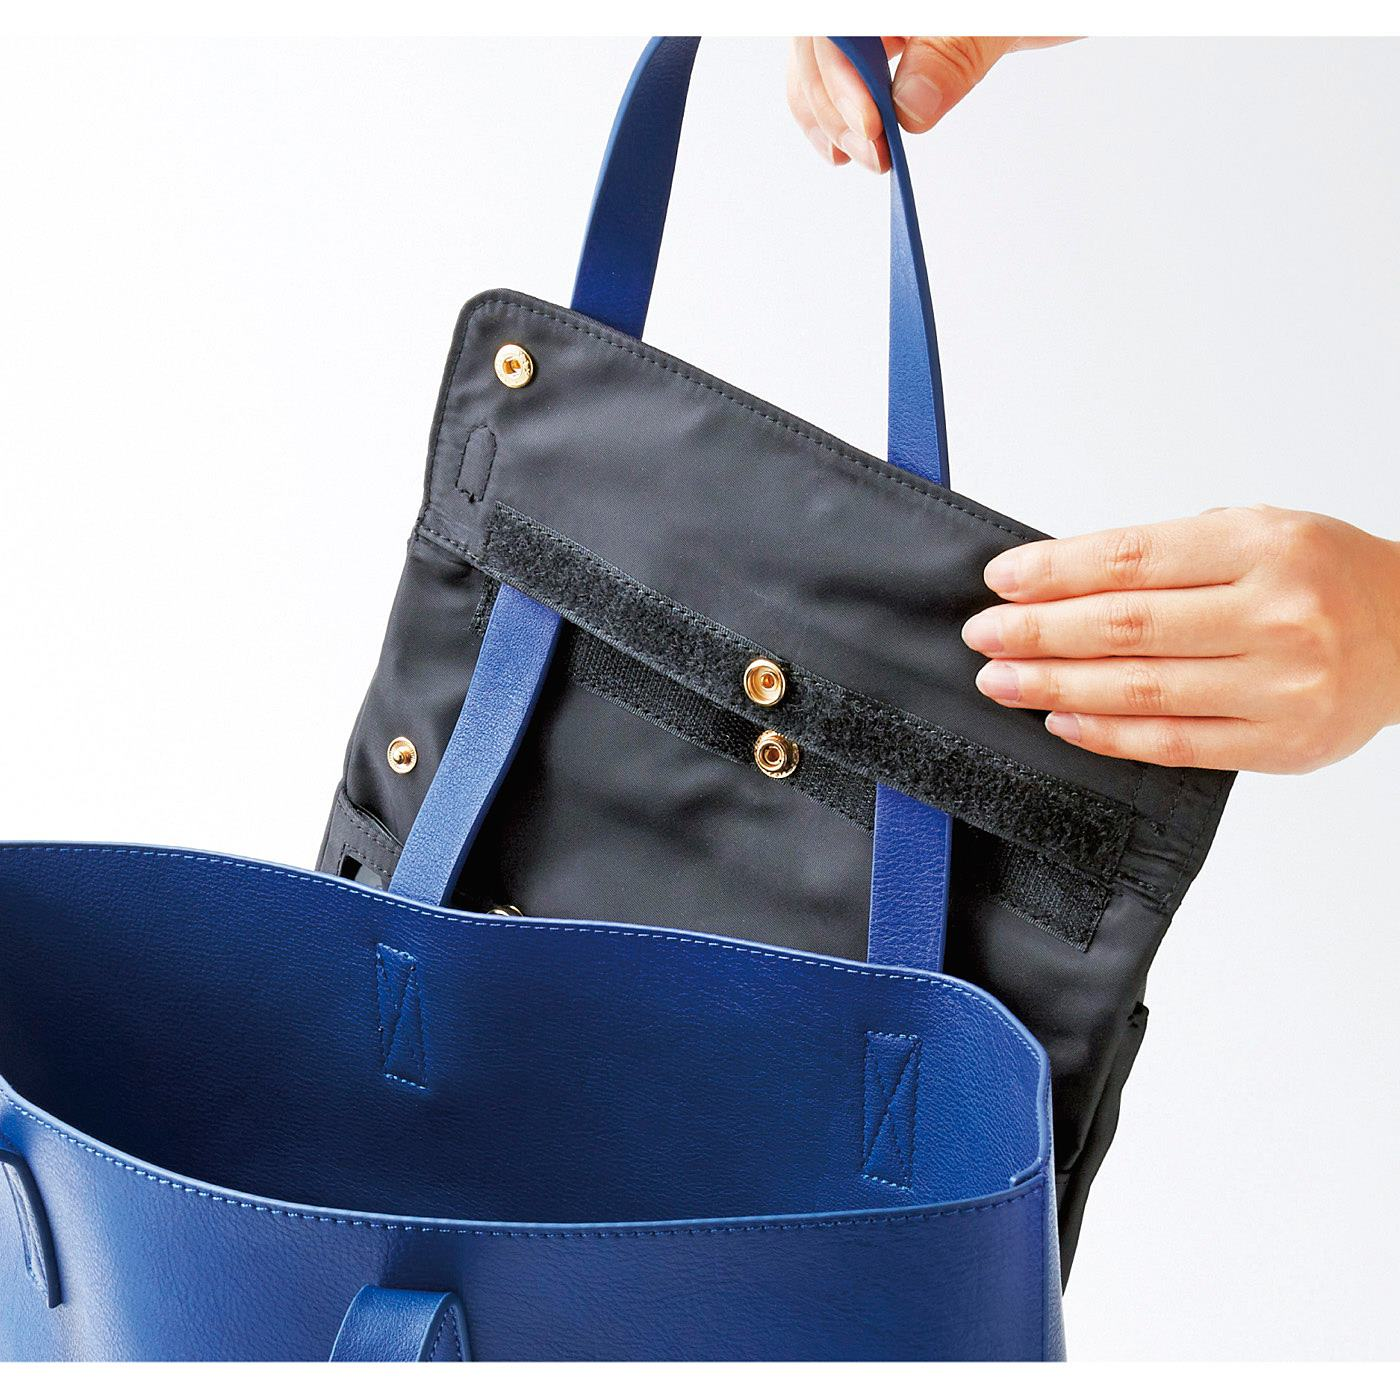 取り付け簡単。お手持ちのバッグの持ち手に通して面ファスナーとスナップボタンを留めるだけ。